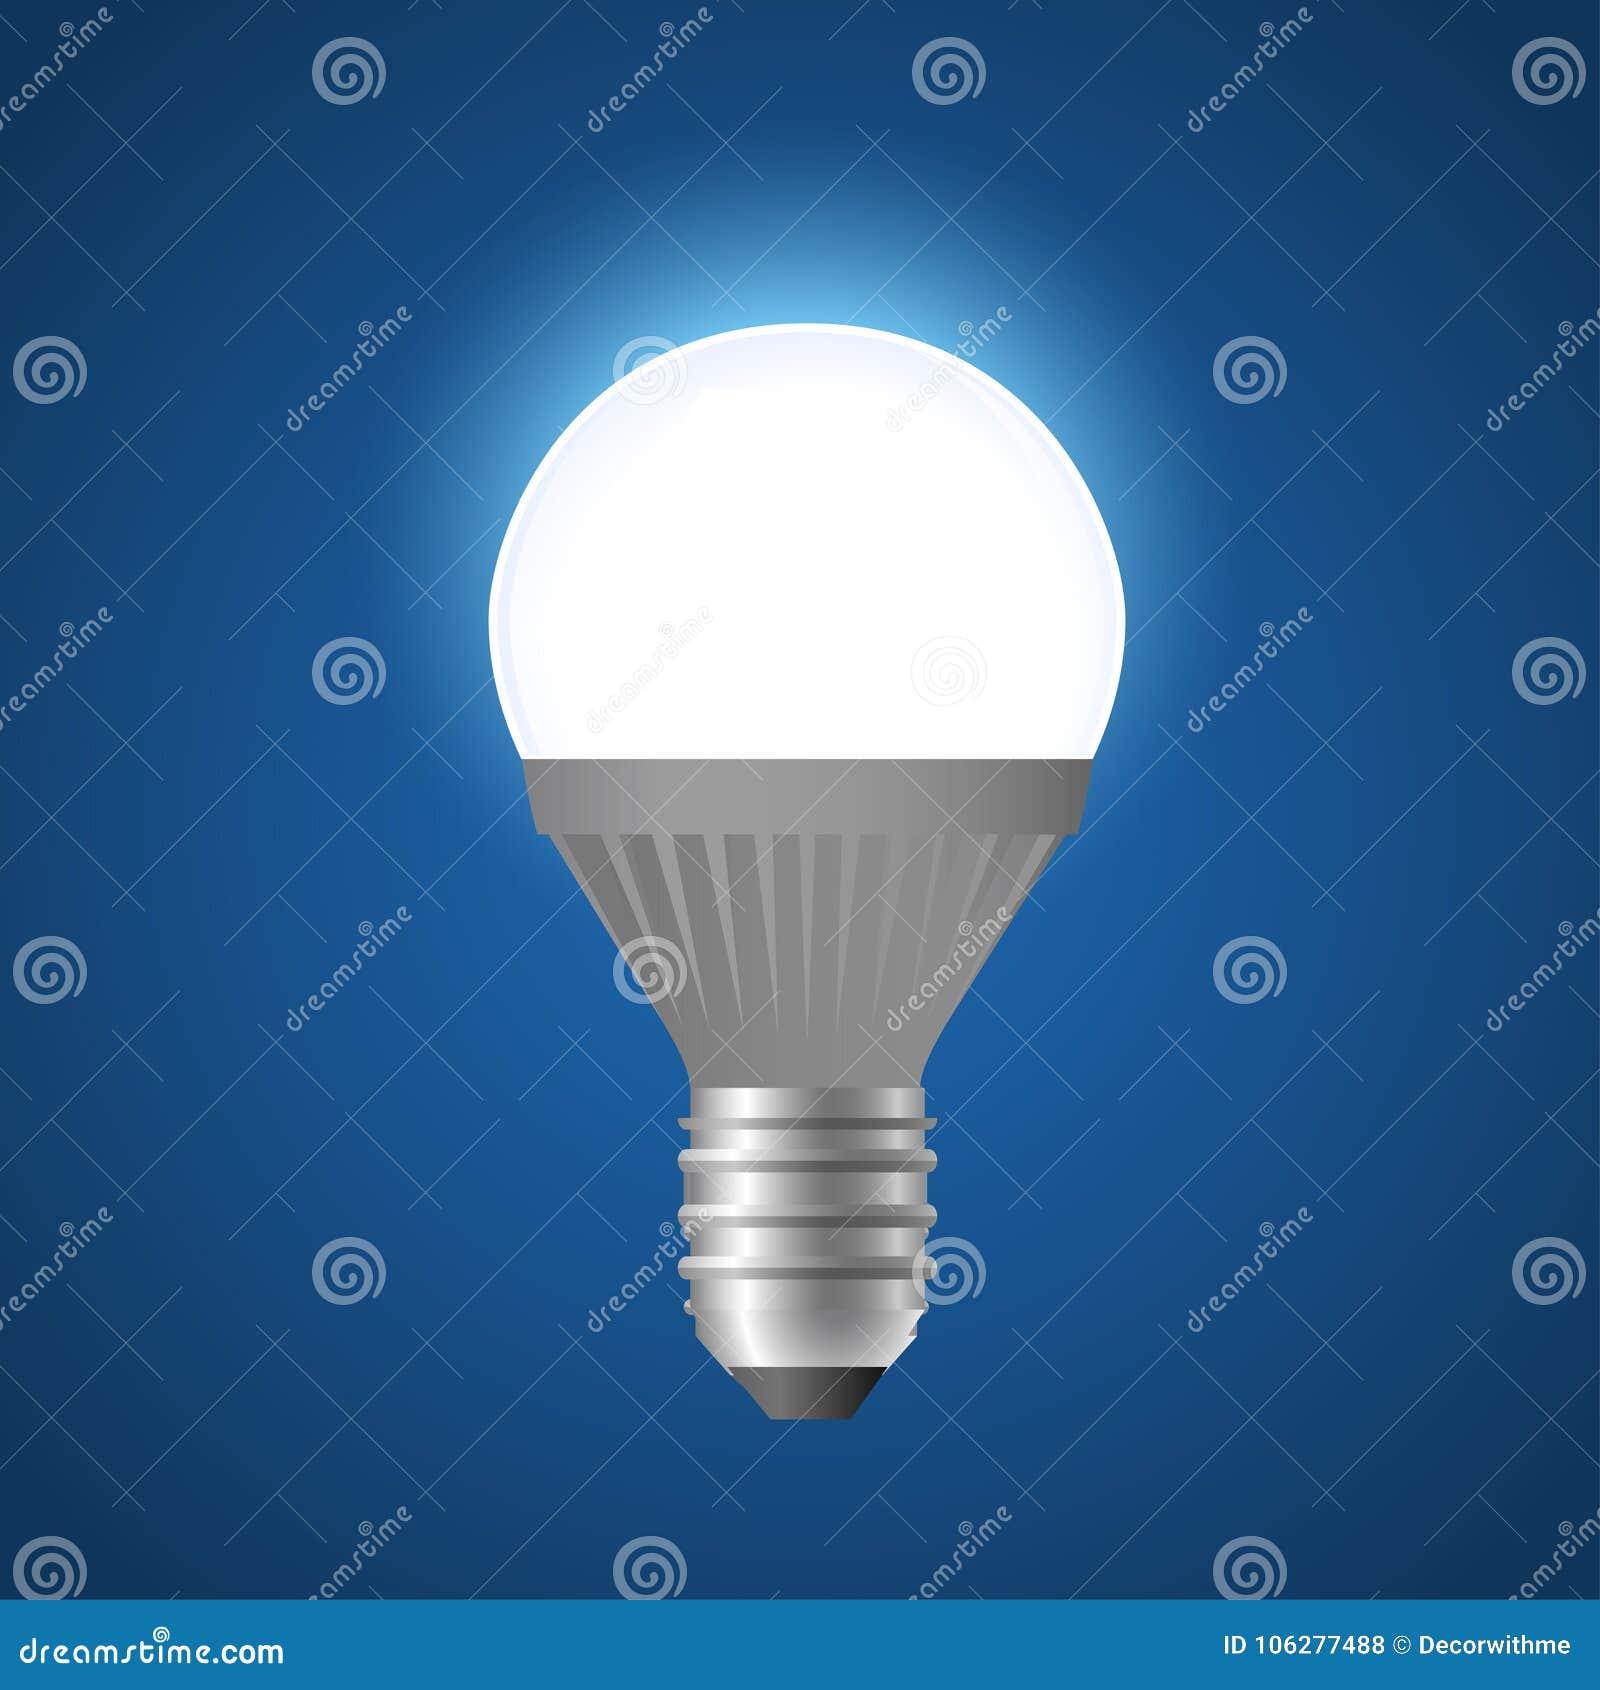 Glowing LED Light Bulb